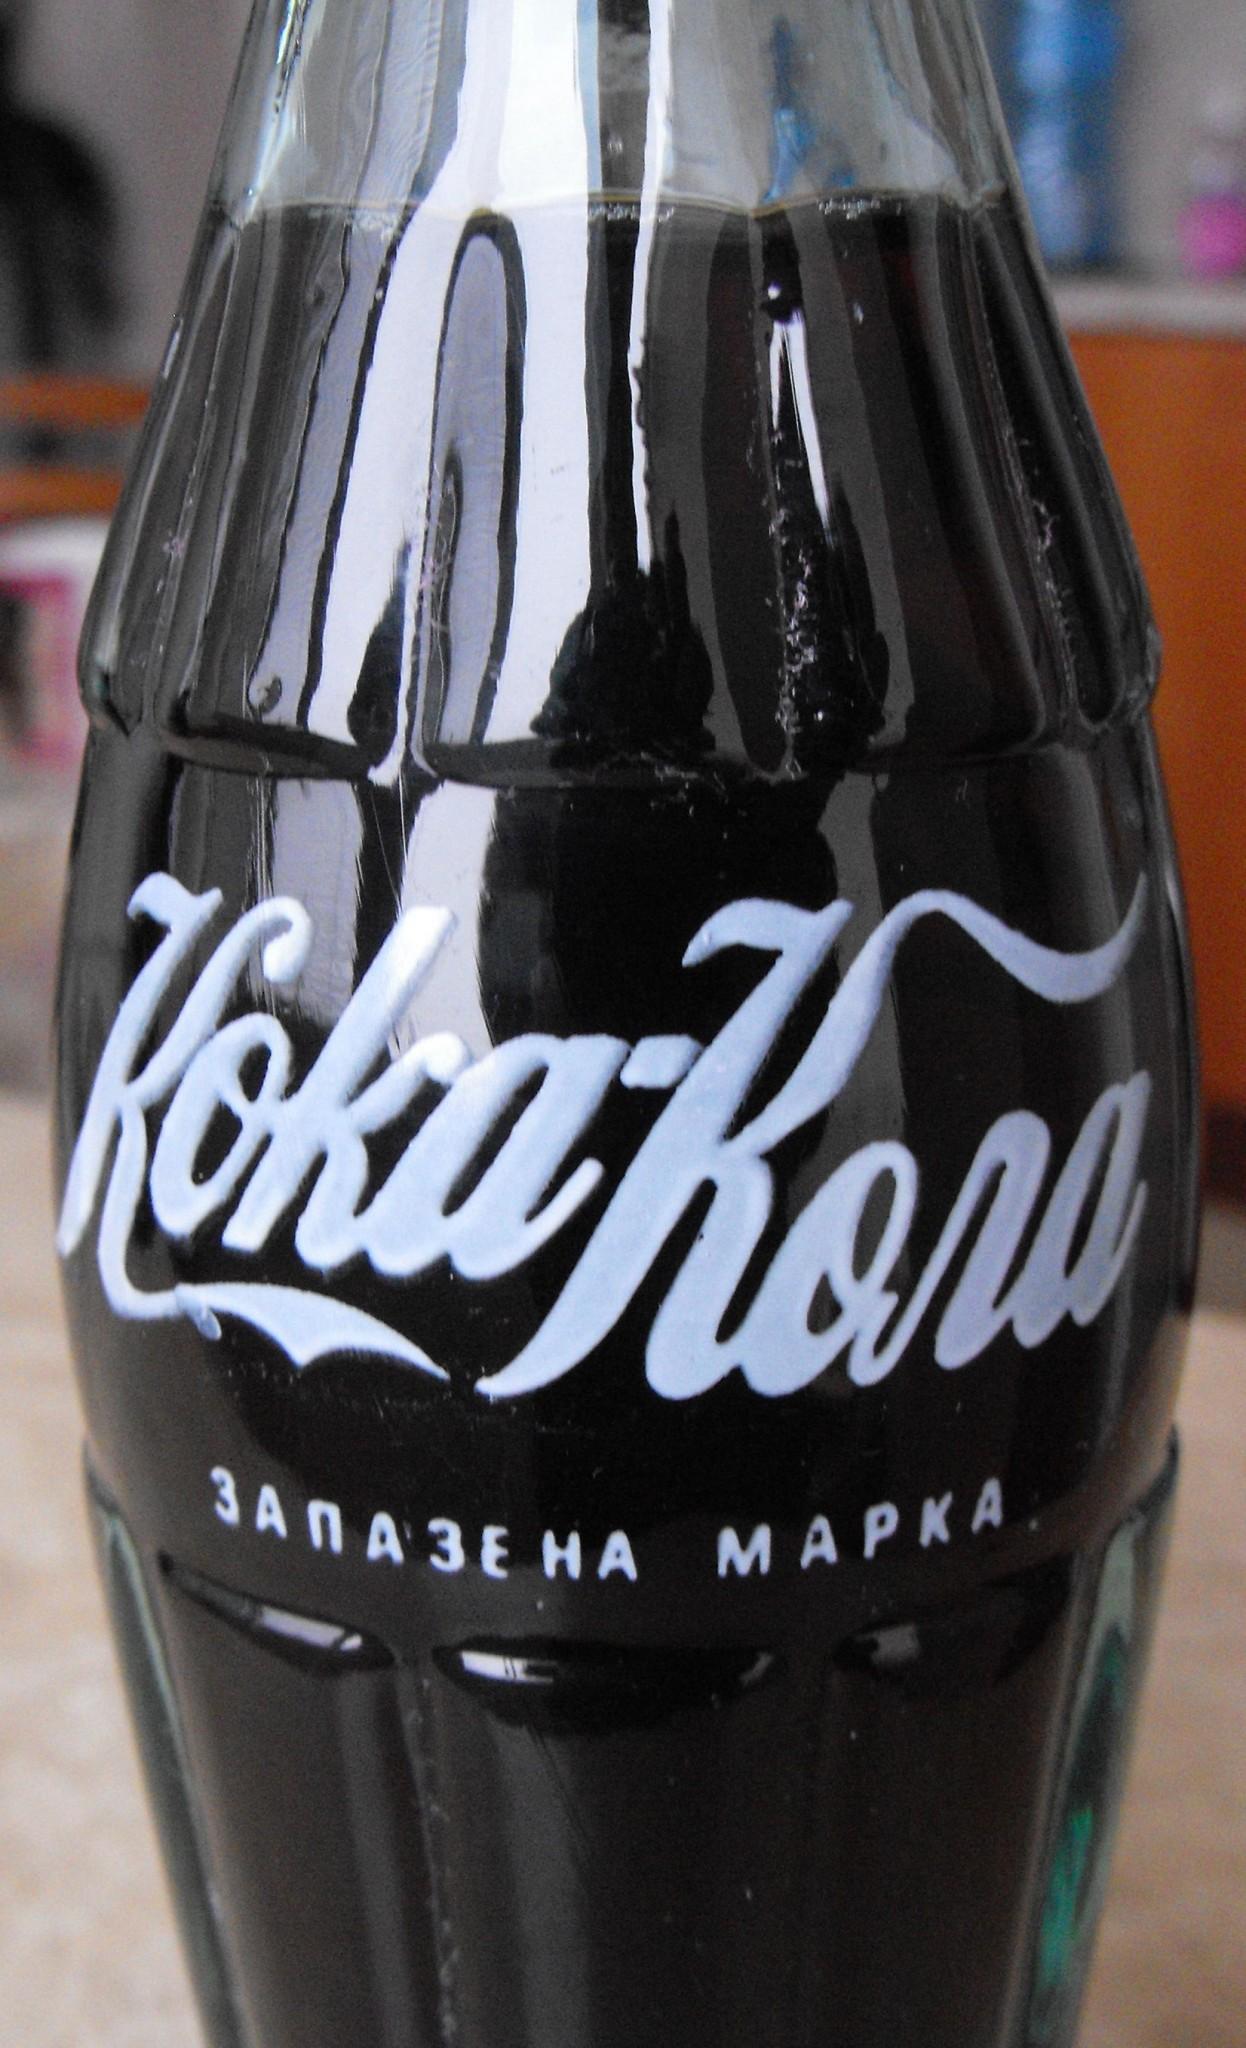 Le style d'écriture de Coca Cola se reconnaît en alphabet cyrillique